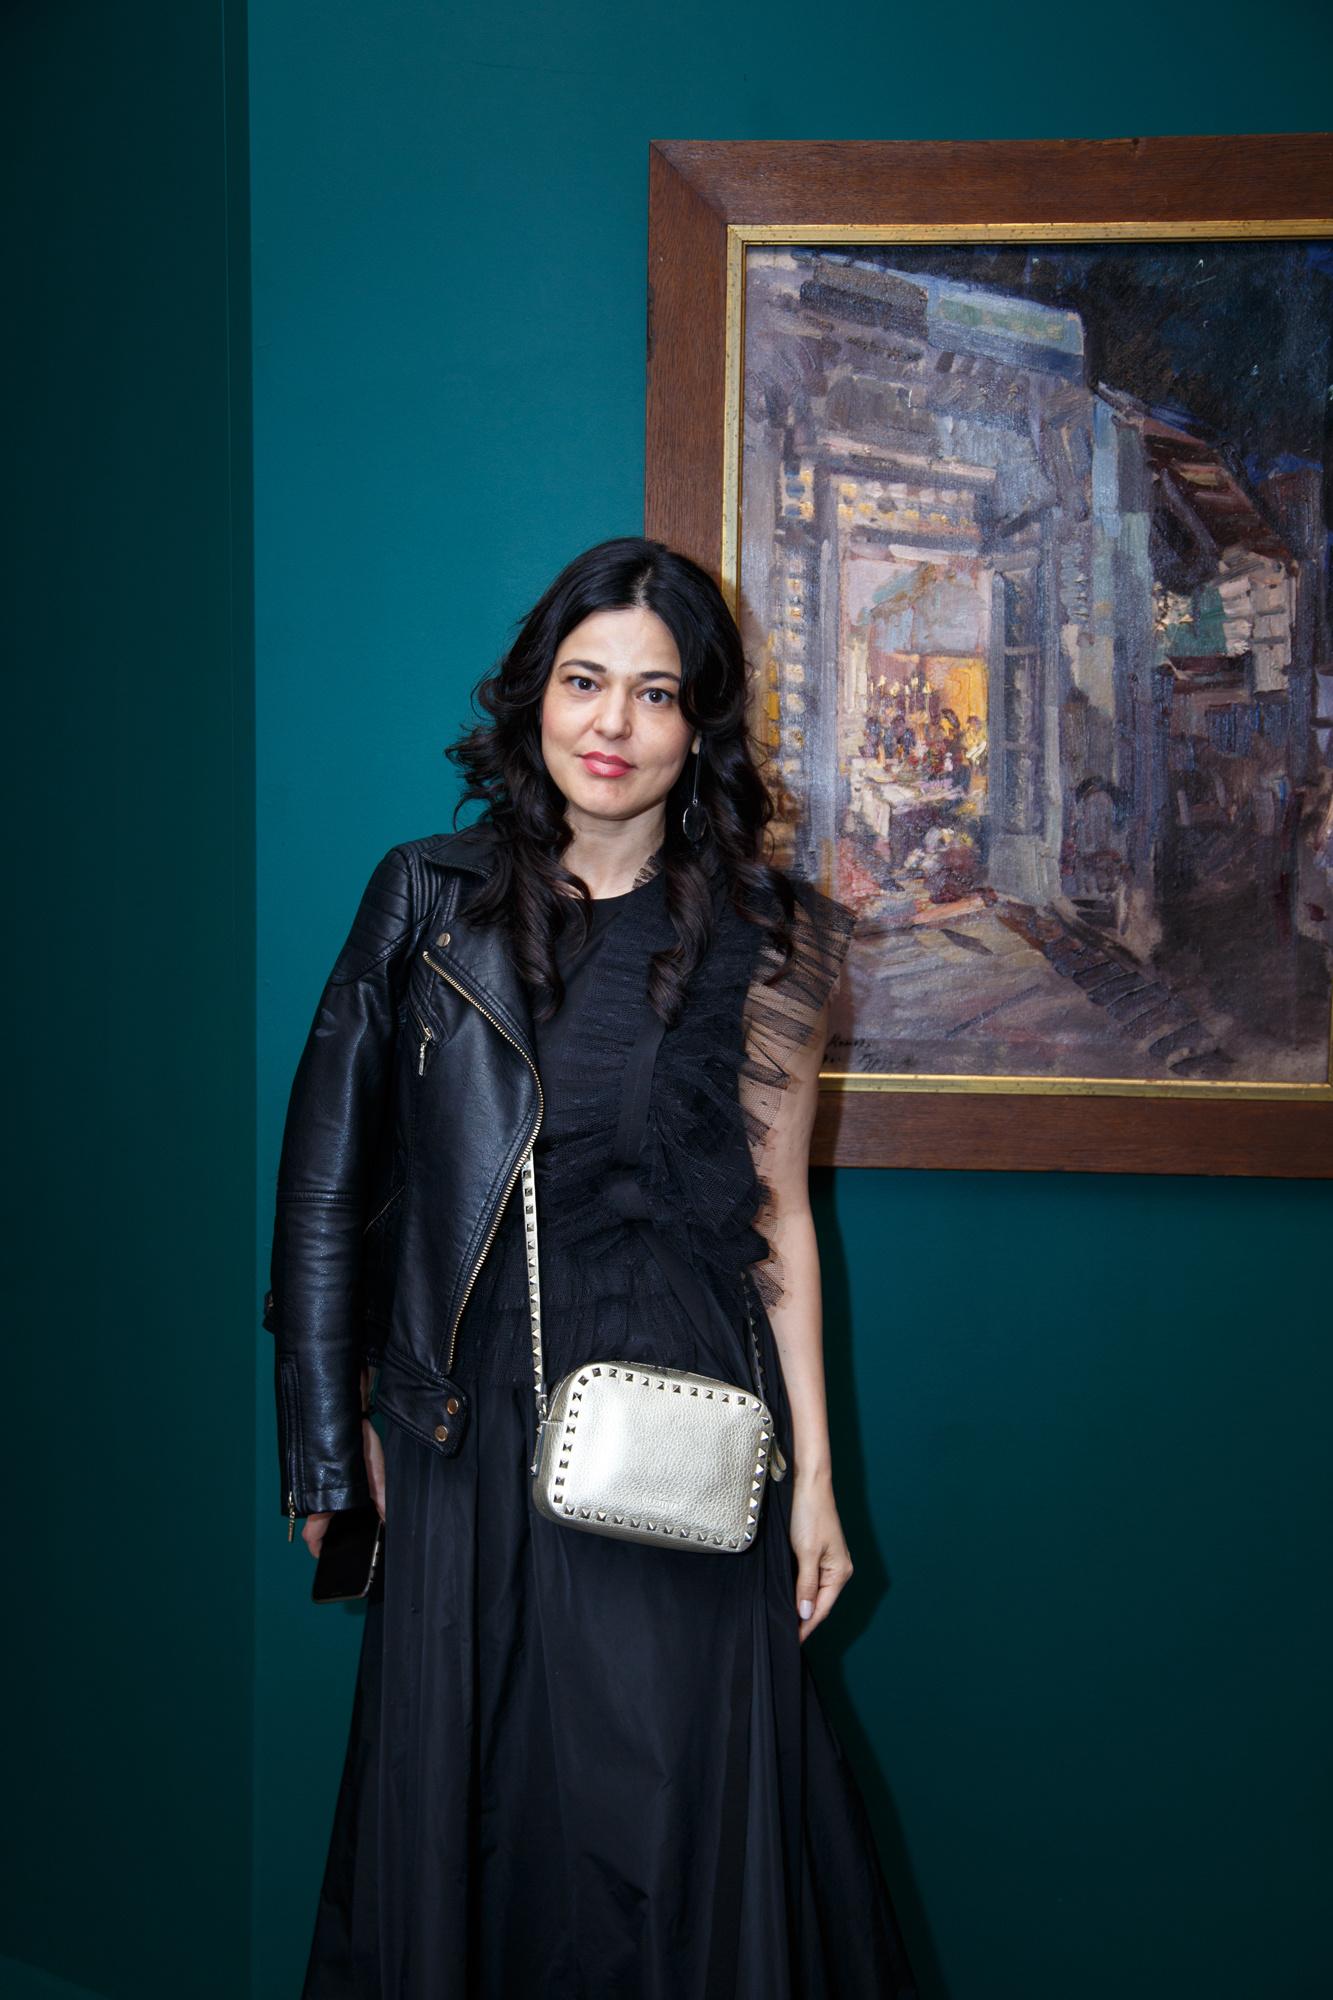 Предпоказ выставки великих русских художников от Sotheby's (галерея 2, фото 4)